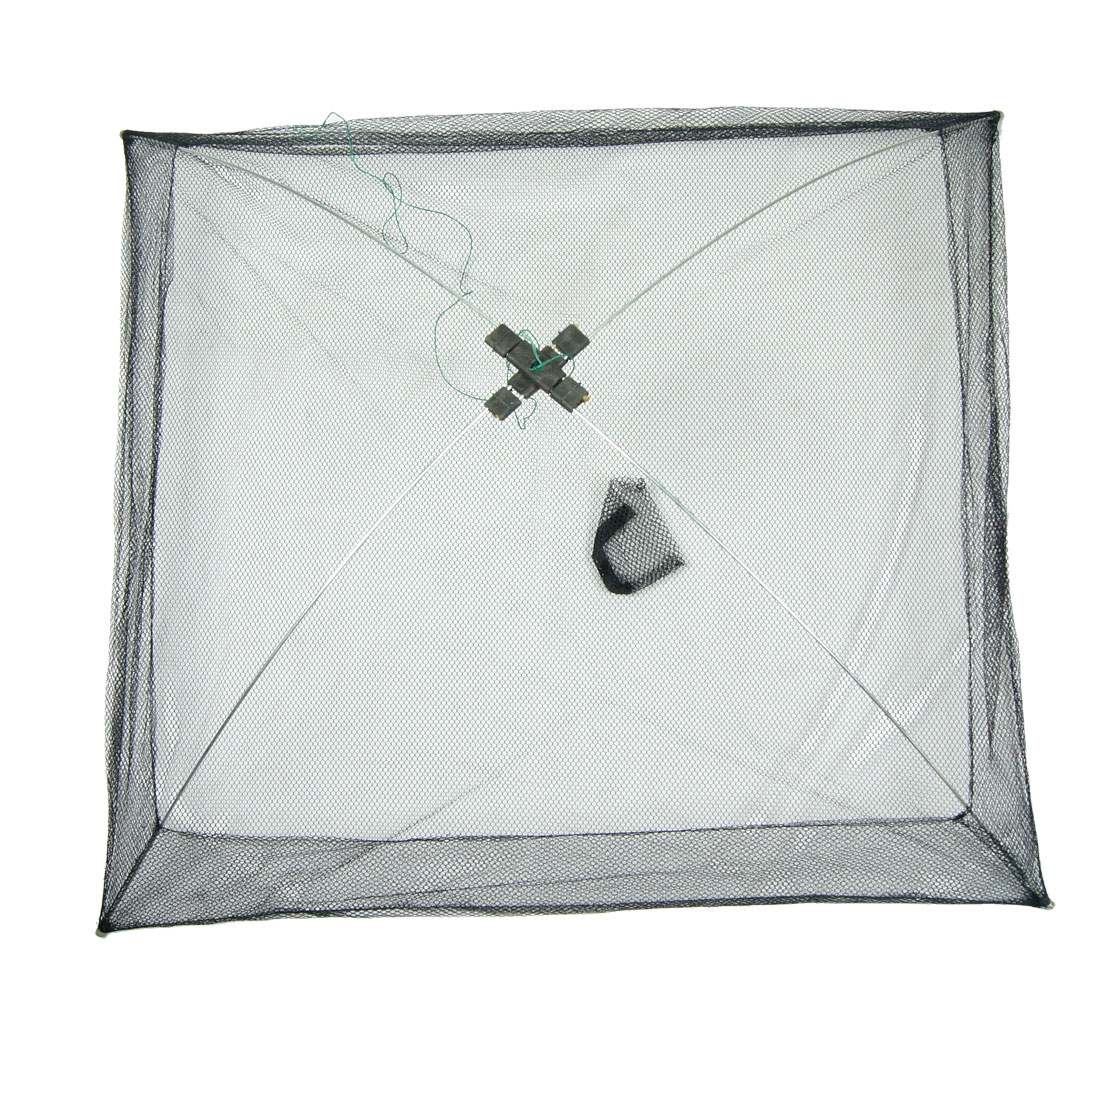 80cm x 80cm Umbrella Crab Bait Cast Lures Fishing Dip Net Black